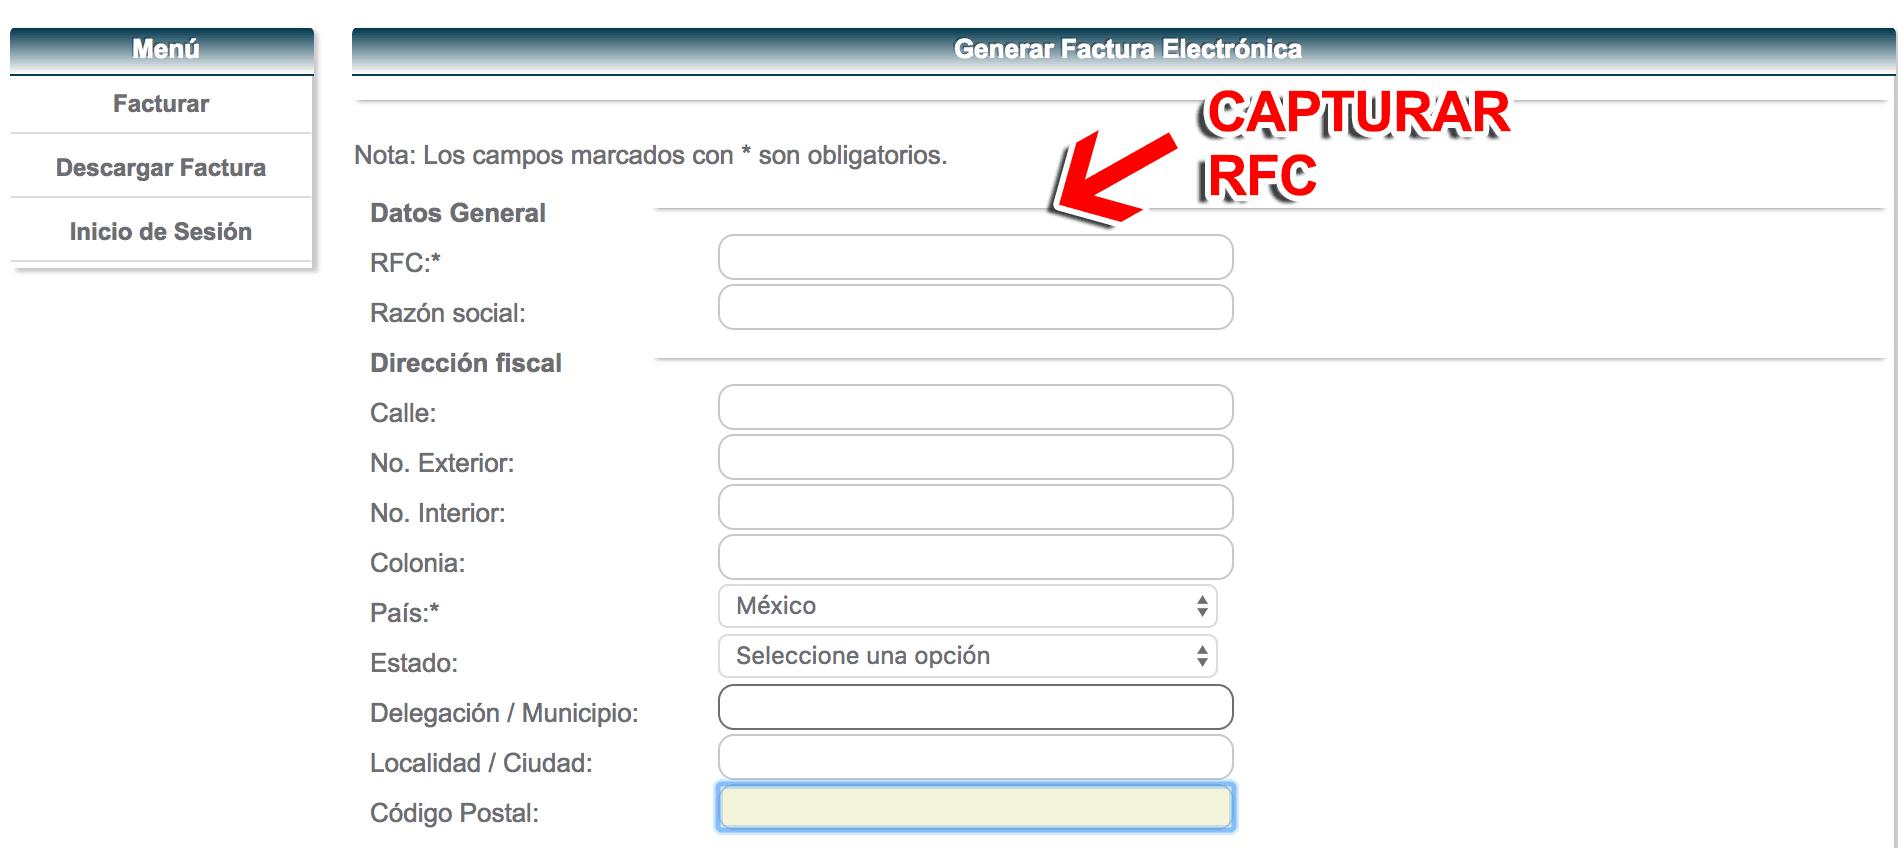 Pastelería OK Paso 1  Capture la Clave del Ticket y su RFC.